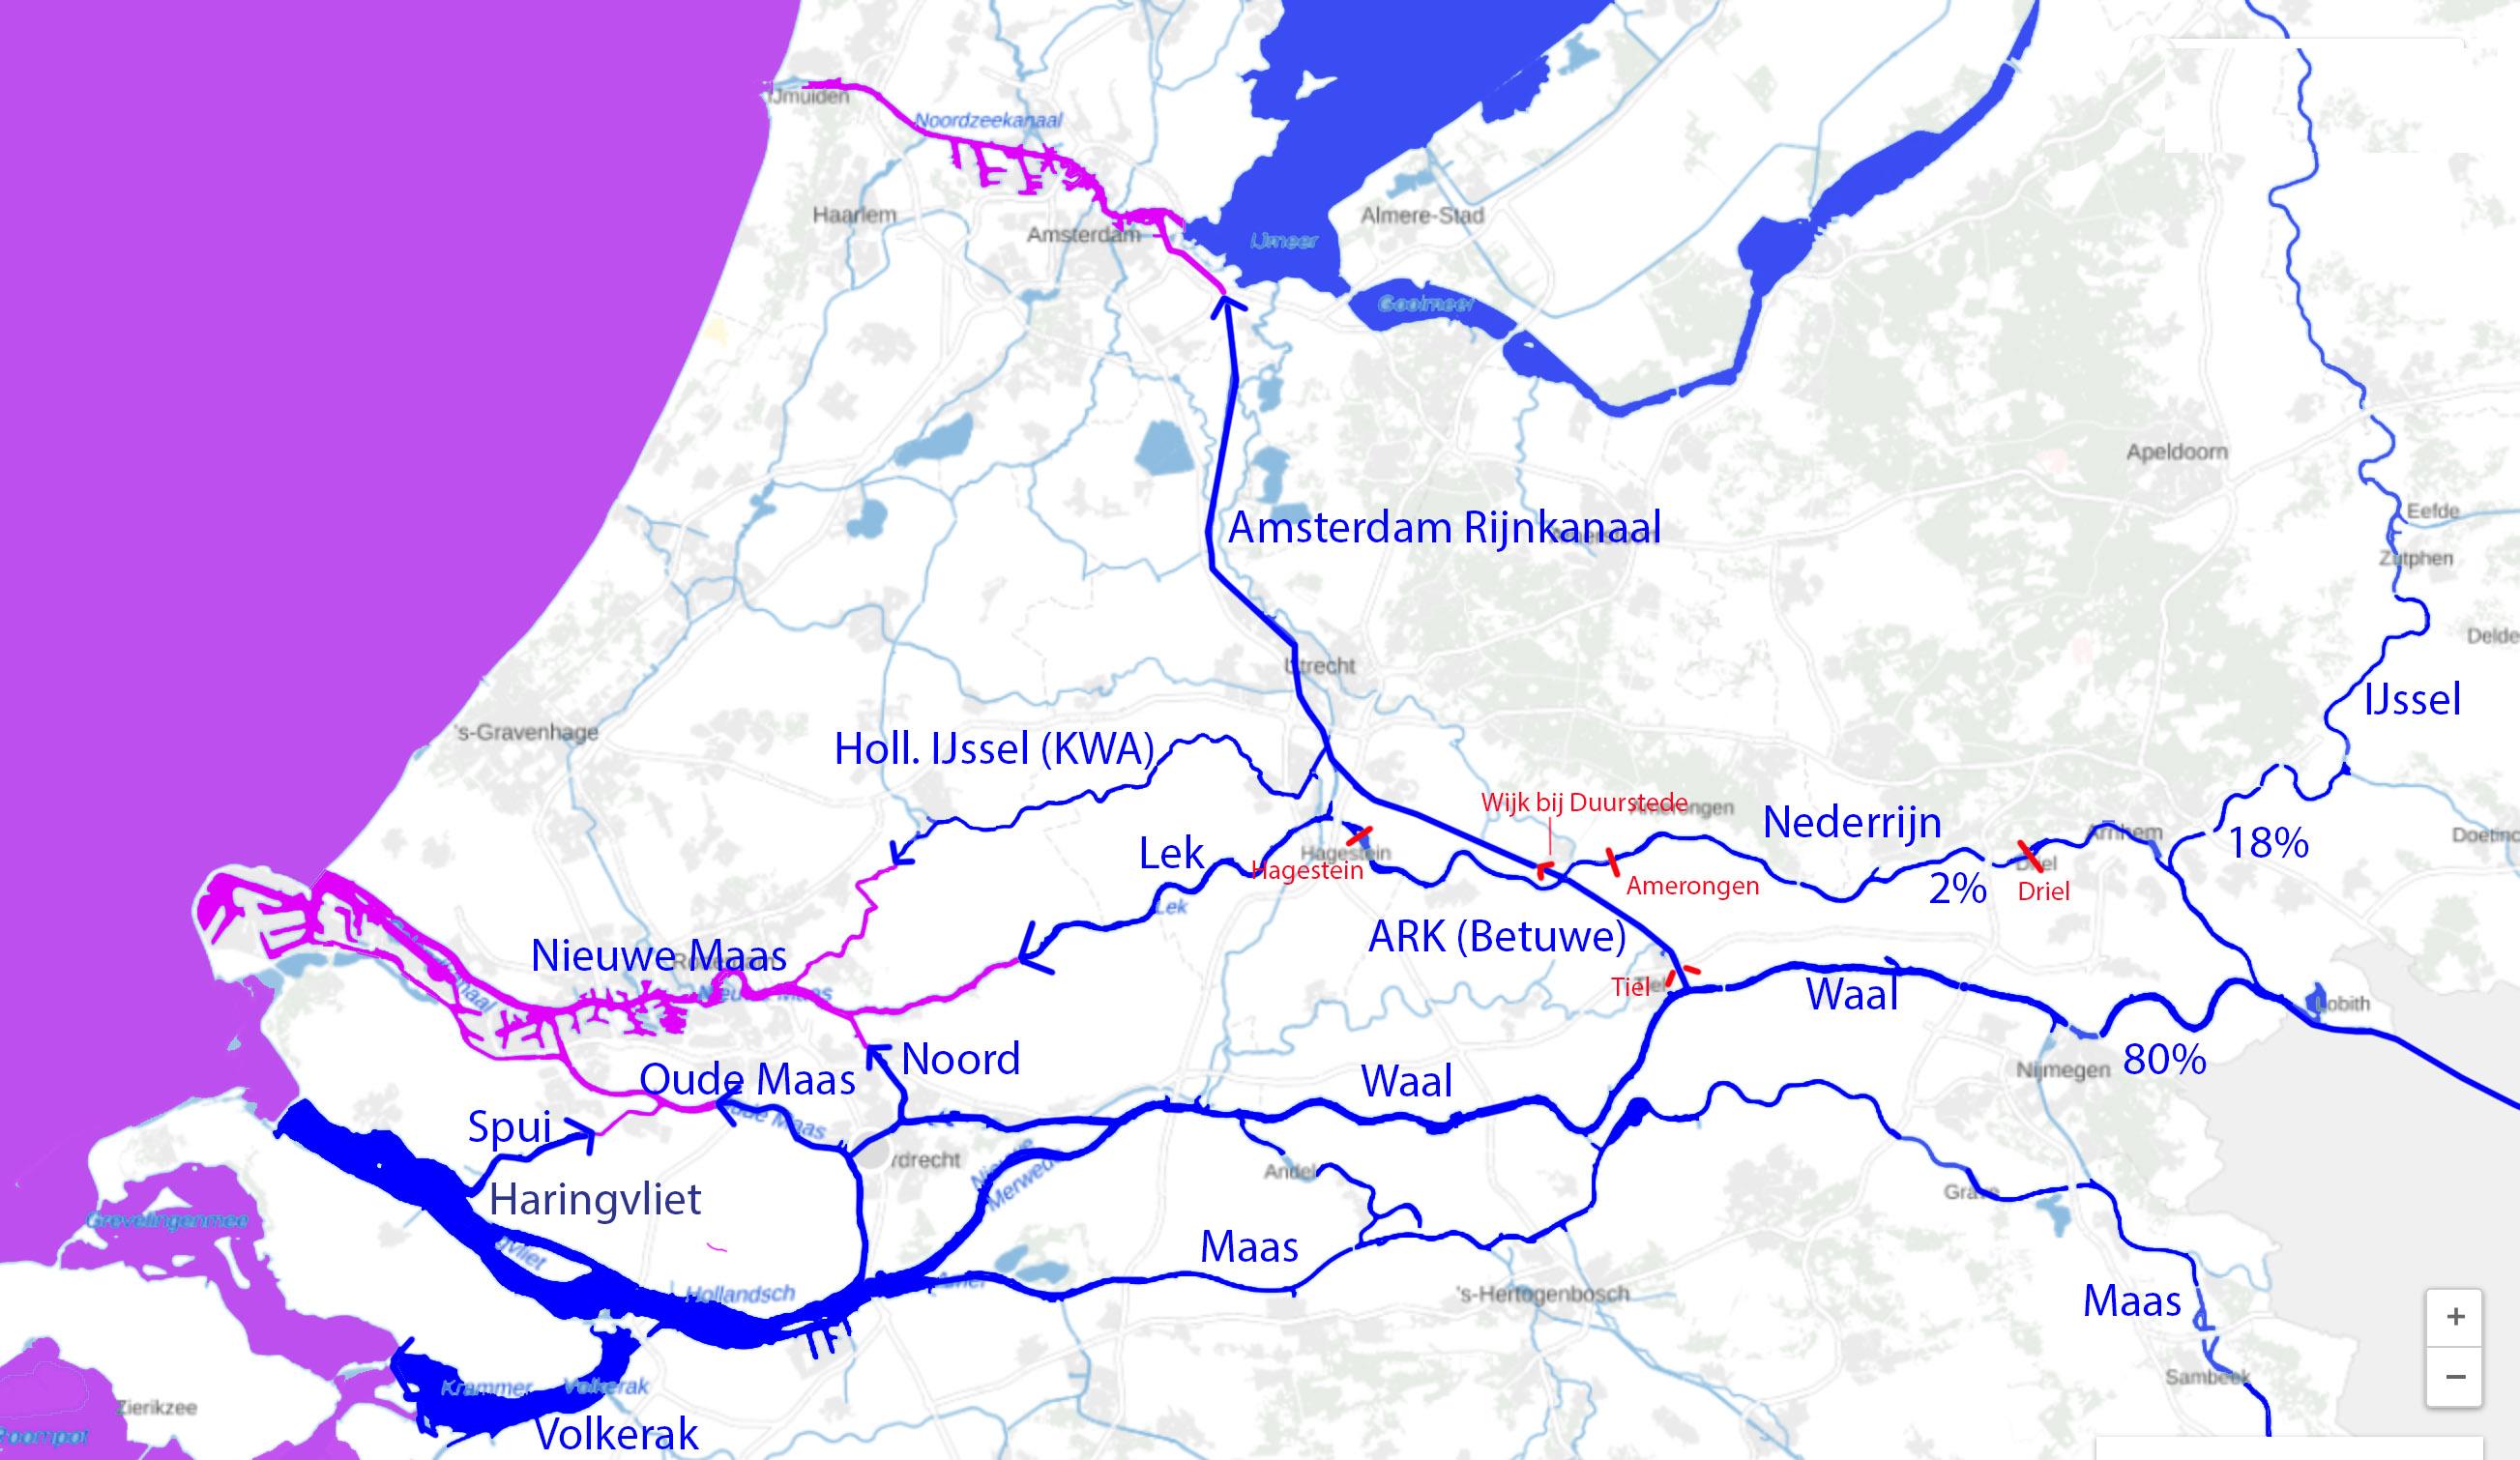 De waterlopen waarlangs het rivierwater (blauw) naar zee wordt geleid. In het mondingsgebied ontmoet het het zoute water (lila) dat vanuit zee tijdens vloed binnen probeert te dringen.